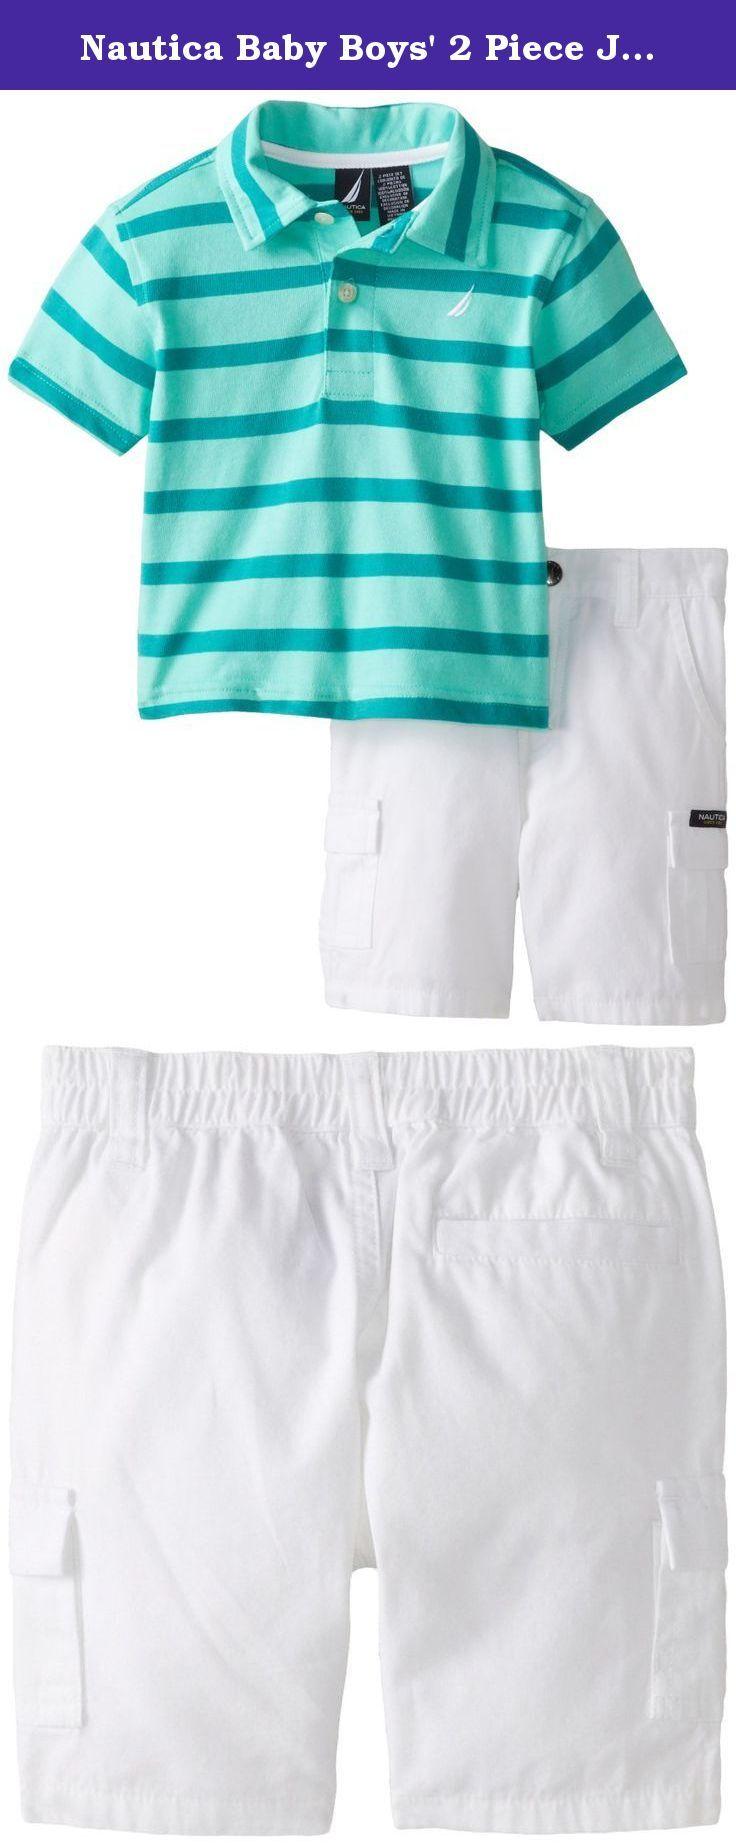 Nautica Baby Boys' 2 Piece Jersey Polo with Cargo Short, Aqua Isle, 12 Months. 2 piece jersey polo with coordinating cargo short.